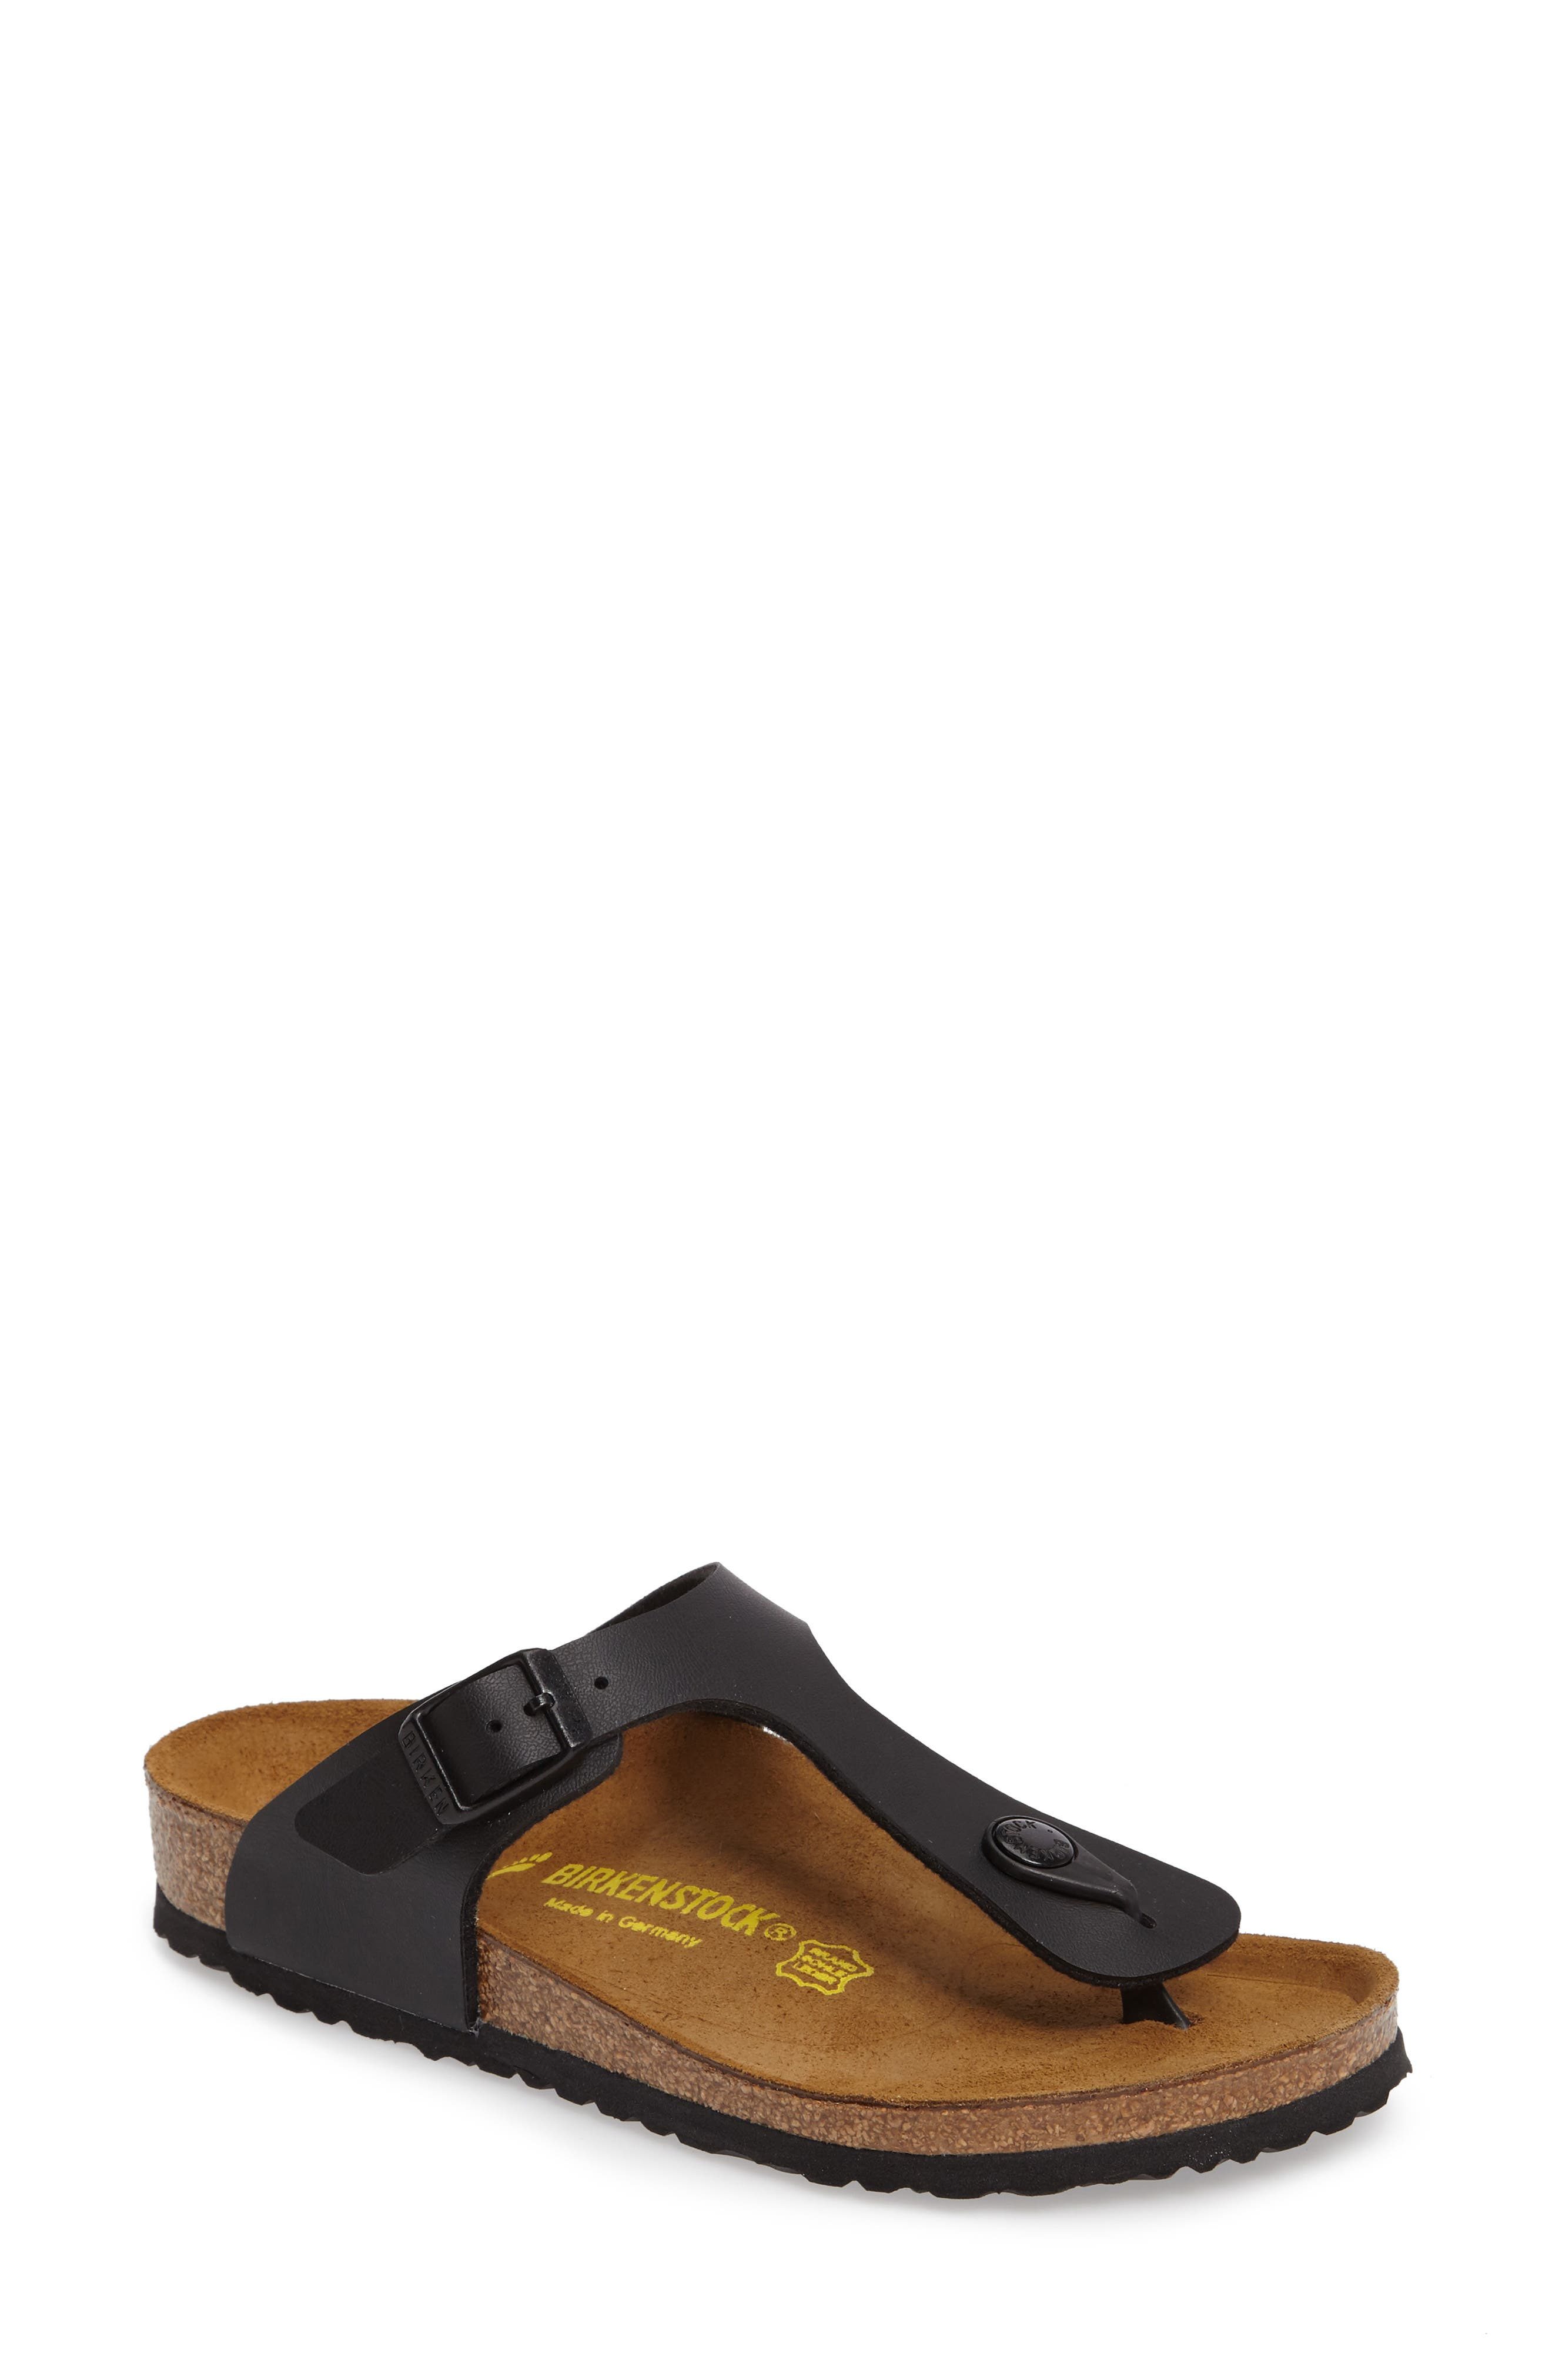 Gizeh Sandal,                         Main,                         color, BLACK